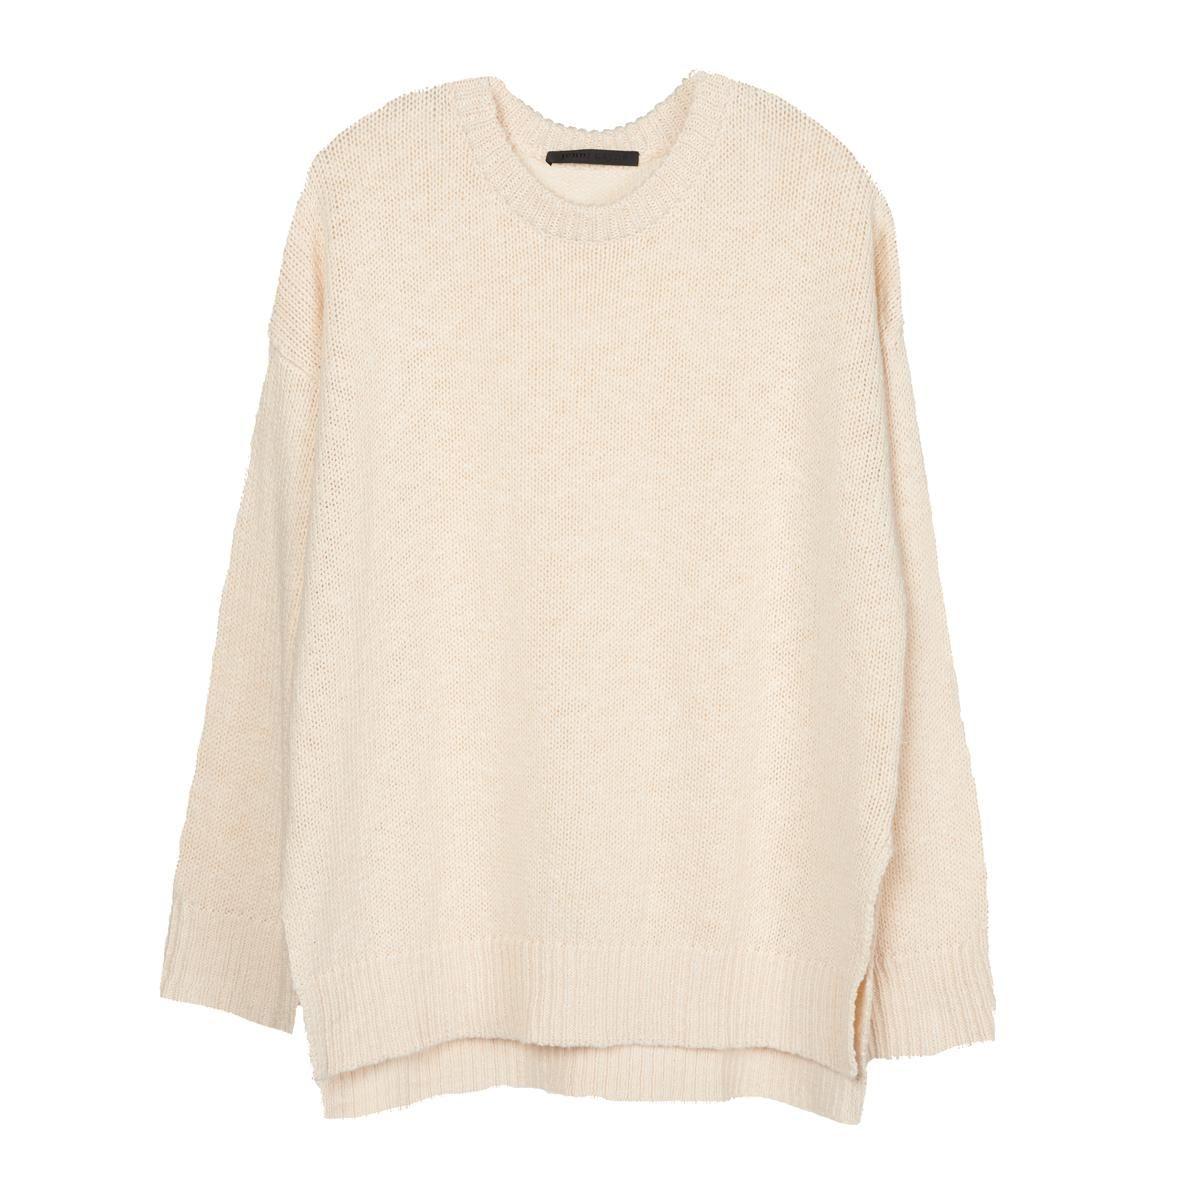 jenni kayne cruise boyfriend sweater